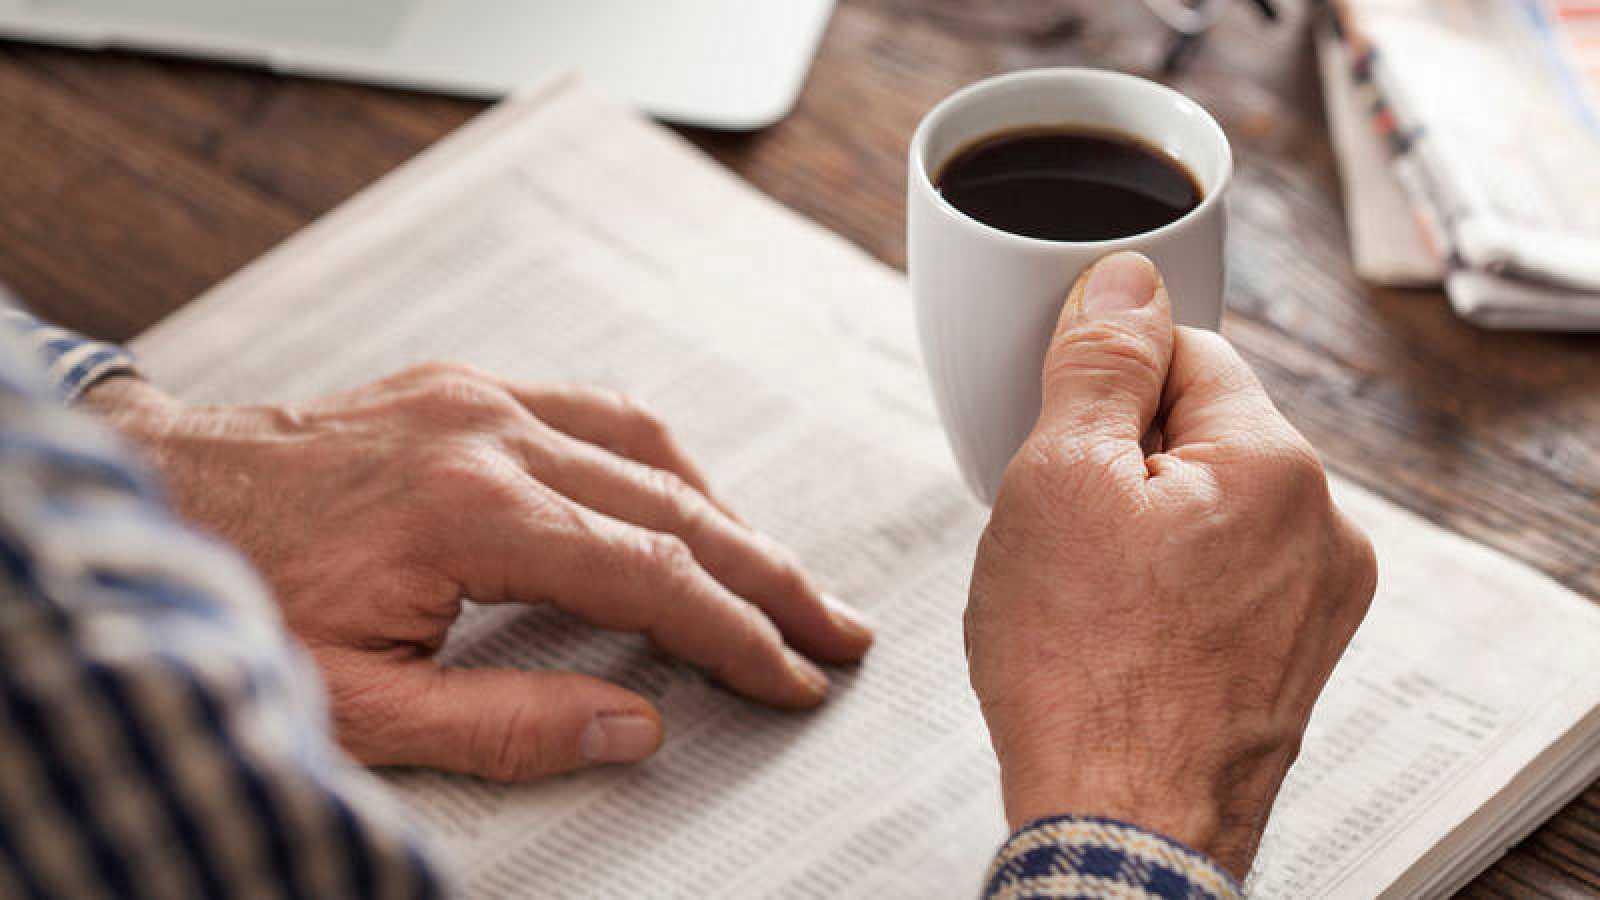 El nuevo estudio certifica un efecto beneficioso del café en personas de riesgo como hipertensos, diabéticos u obesos.